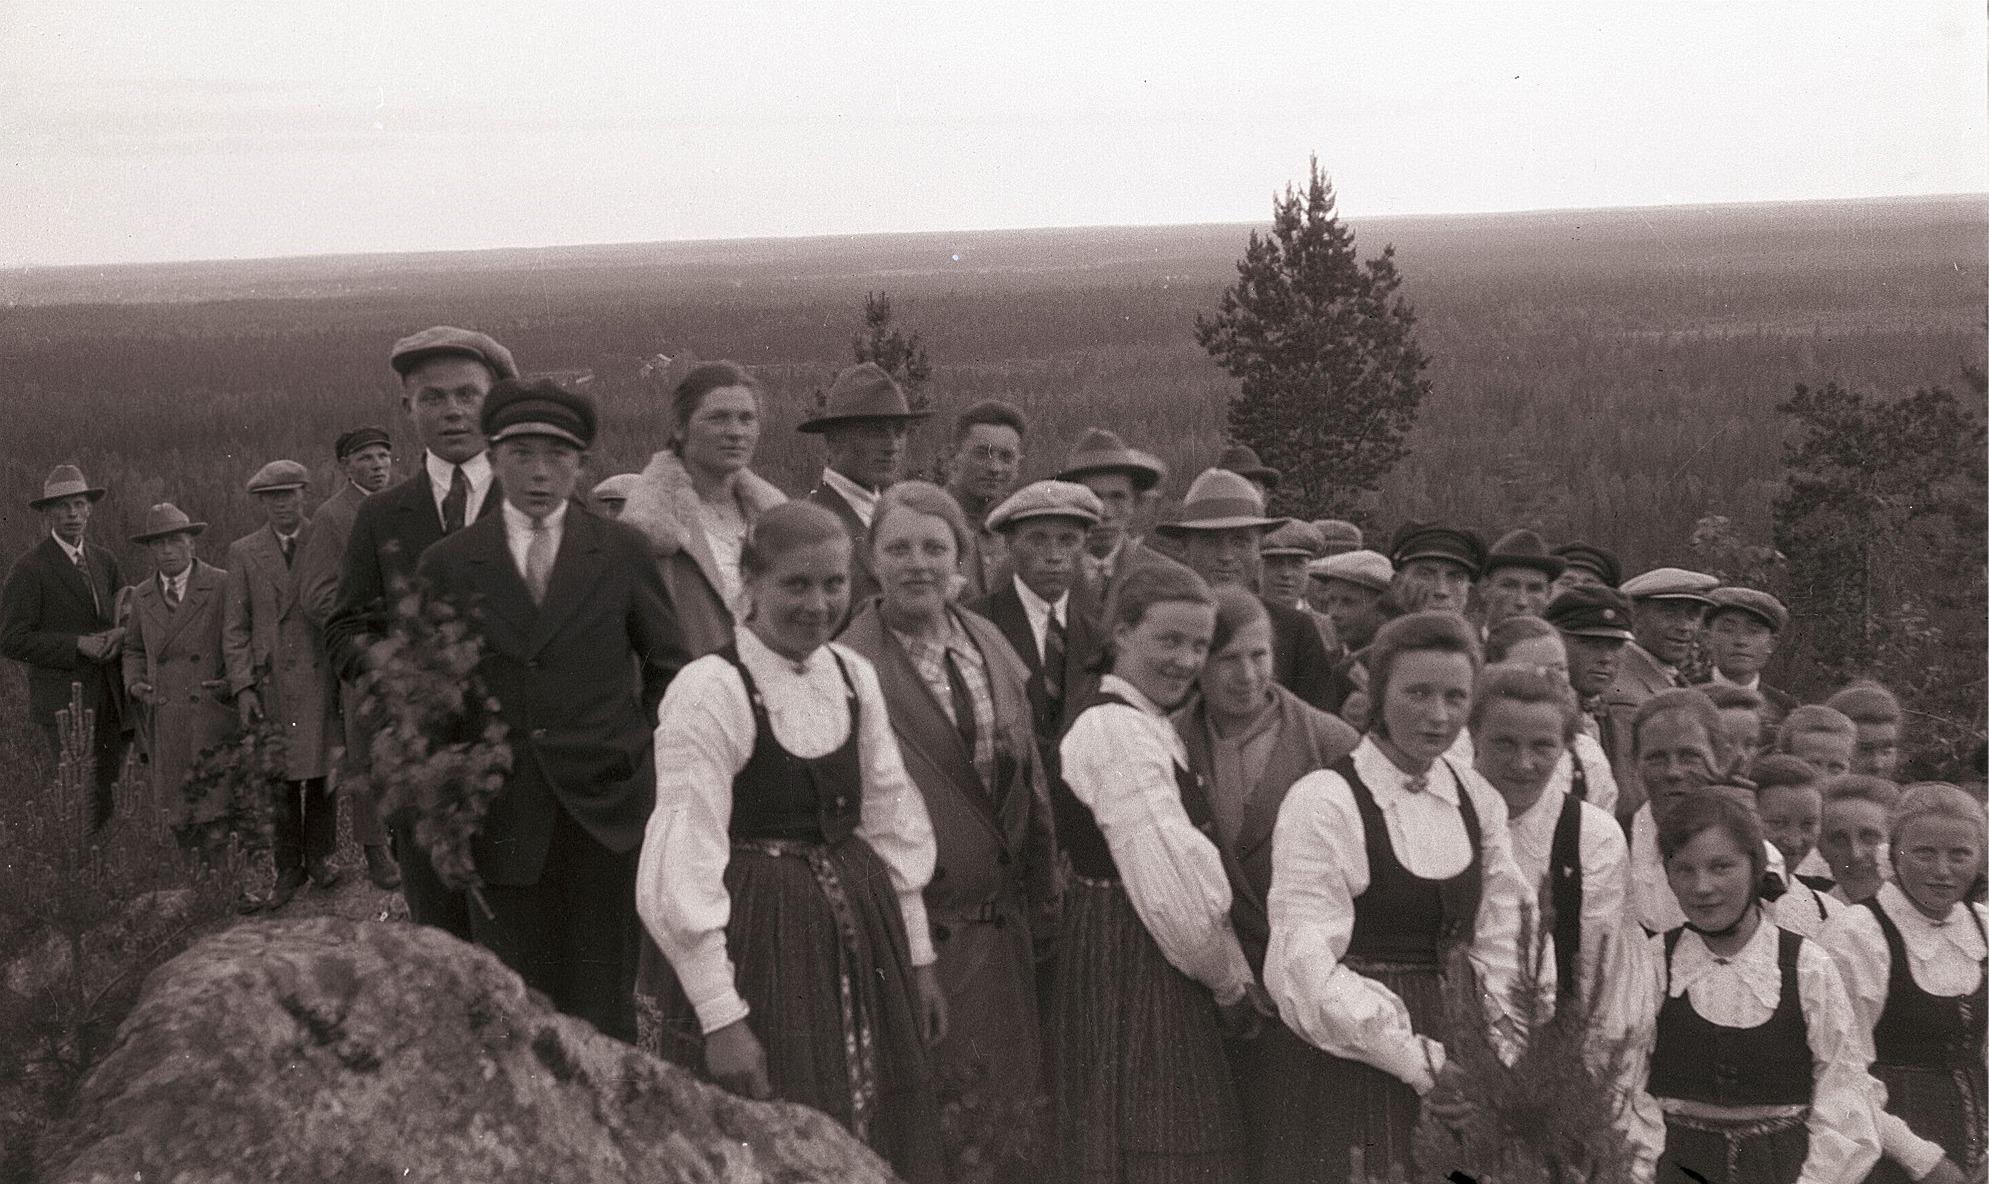 Lappfjärdsungdomar på utfärd till Bötombergen år 1929, kyrkan syns som en ljus prick mitt i fotot. Längst till vänster står Artur Björses, fjärde från vänster är Alvar Brandt. Pojken högst upp är Arne Nordman och framför honom står Lennart Jossandt. Flickan i bakre raden med skinnkragen är Siri Engelholm, följande Lennart Storhannus, Sigrund Engelholm och lite skymd Bertel Ekman. Längst fram i folkdräkt står Elsa Brandt, Tyra Ådjers, Lennart Brunman, Jenny Brandt, Ellen Grönstrand, Anni Björses, Alina Brandt. Svea Solfvin och Aili Knus.